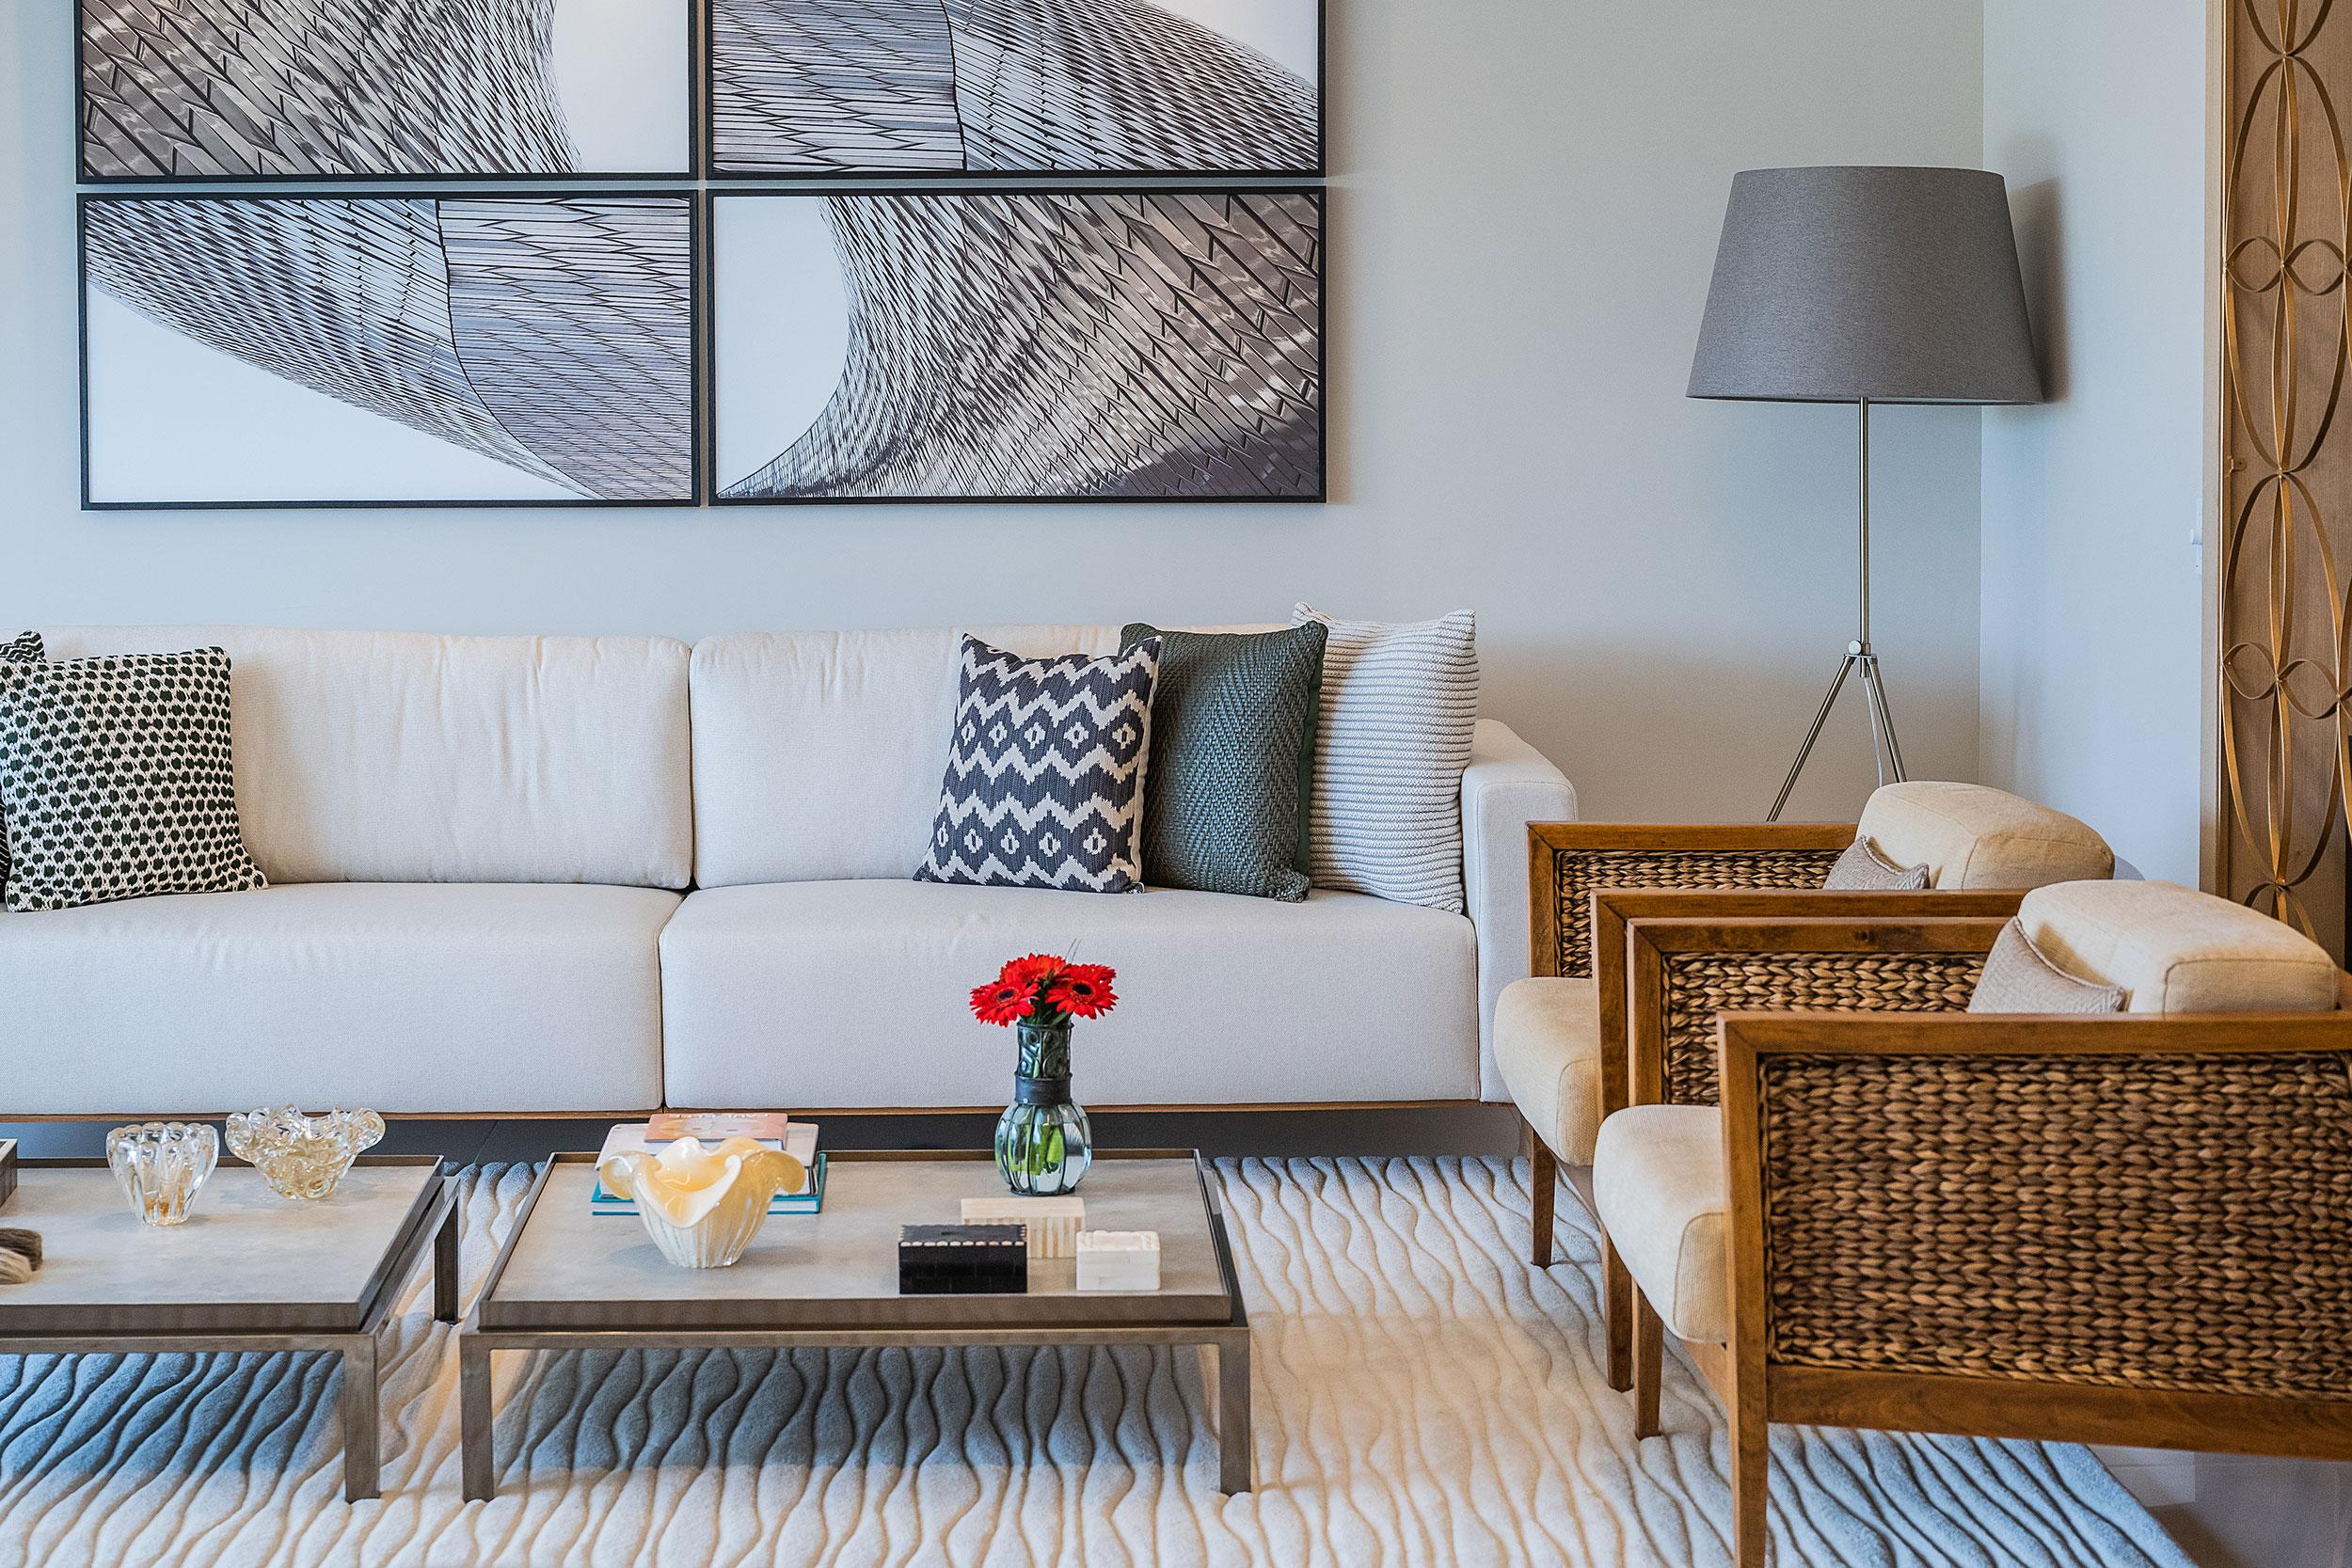 Usando o mobiliário e os objetos de decoração para compor o ambiente